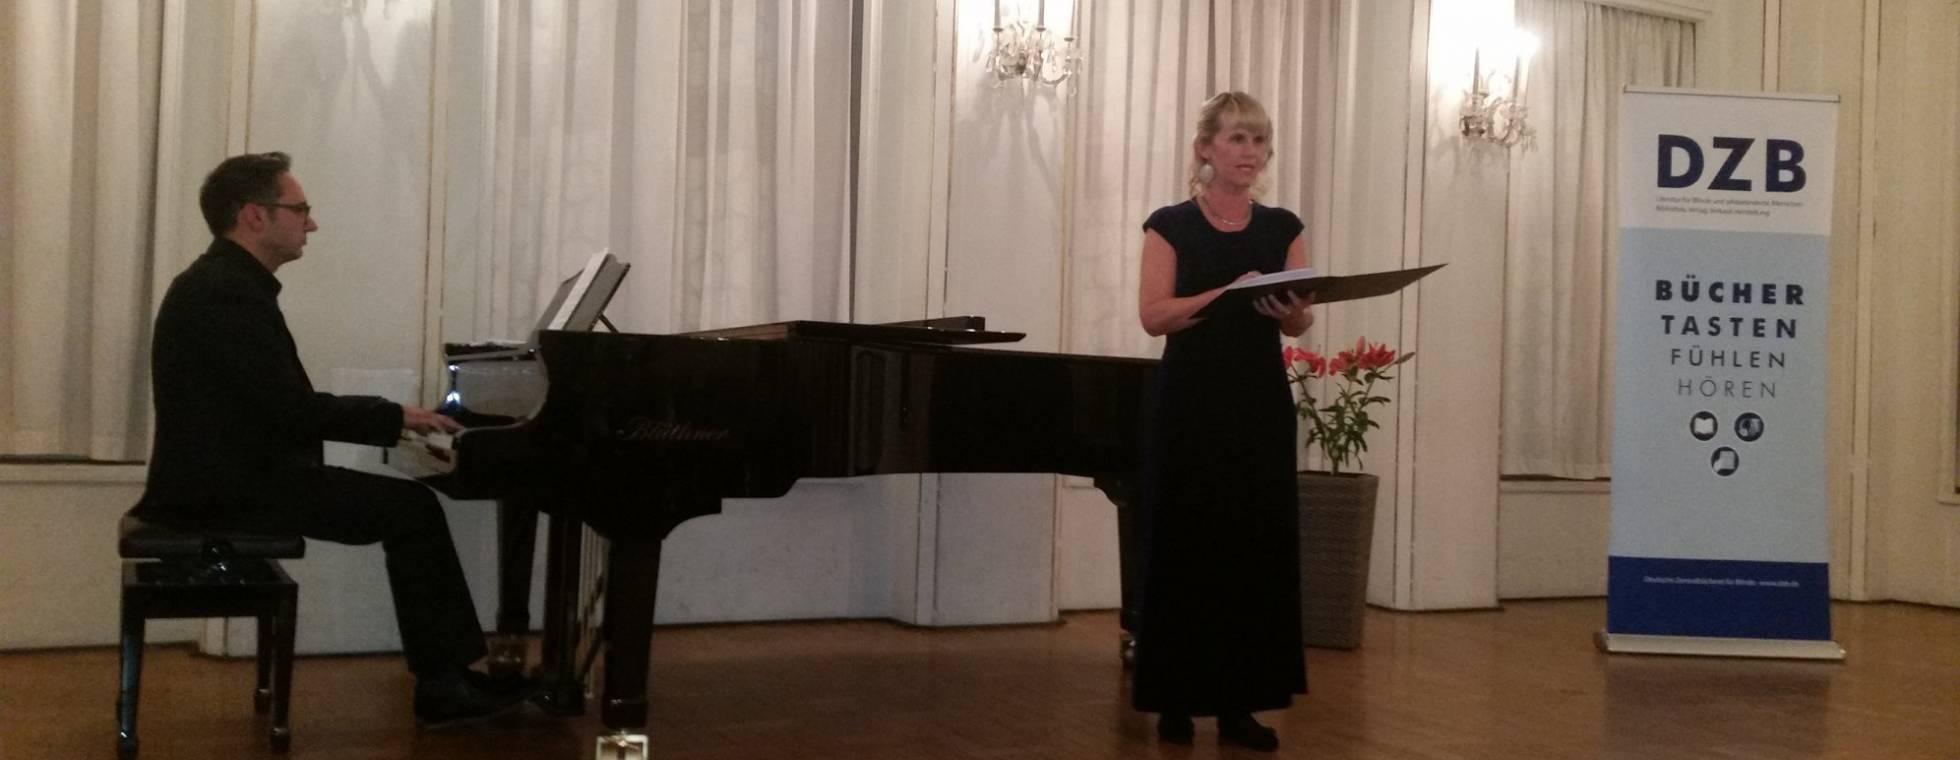 Gerlinde Sämann und Bernd Jung am Klavier